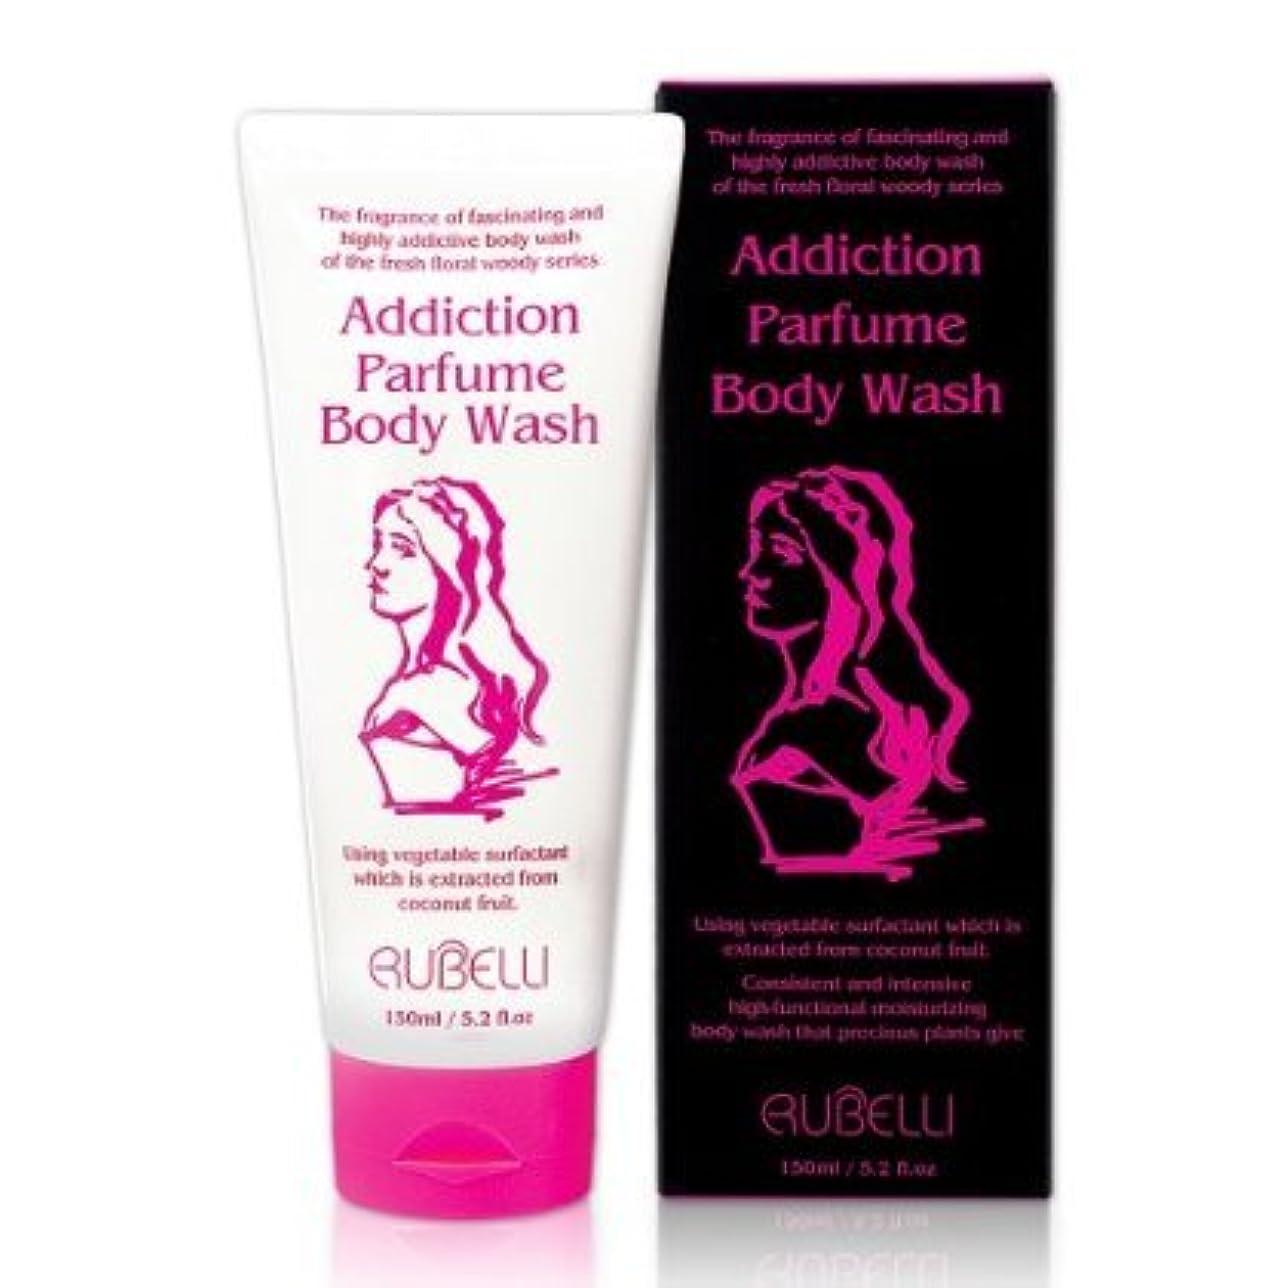 舞い上がるマイク奨励します[Rubelli]+[addiction parfume body wash]+[150ml / high-functional moisturizing, floral scent parfume body wash, body wash with attractive scent]+ [pink]+[5.2 fl.oz]